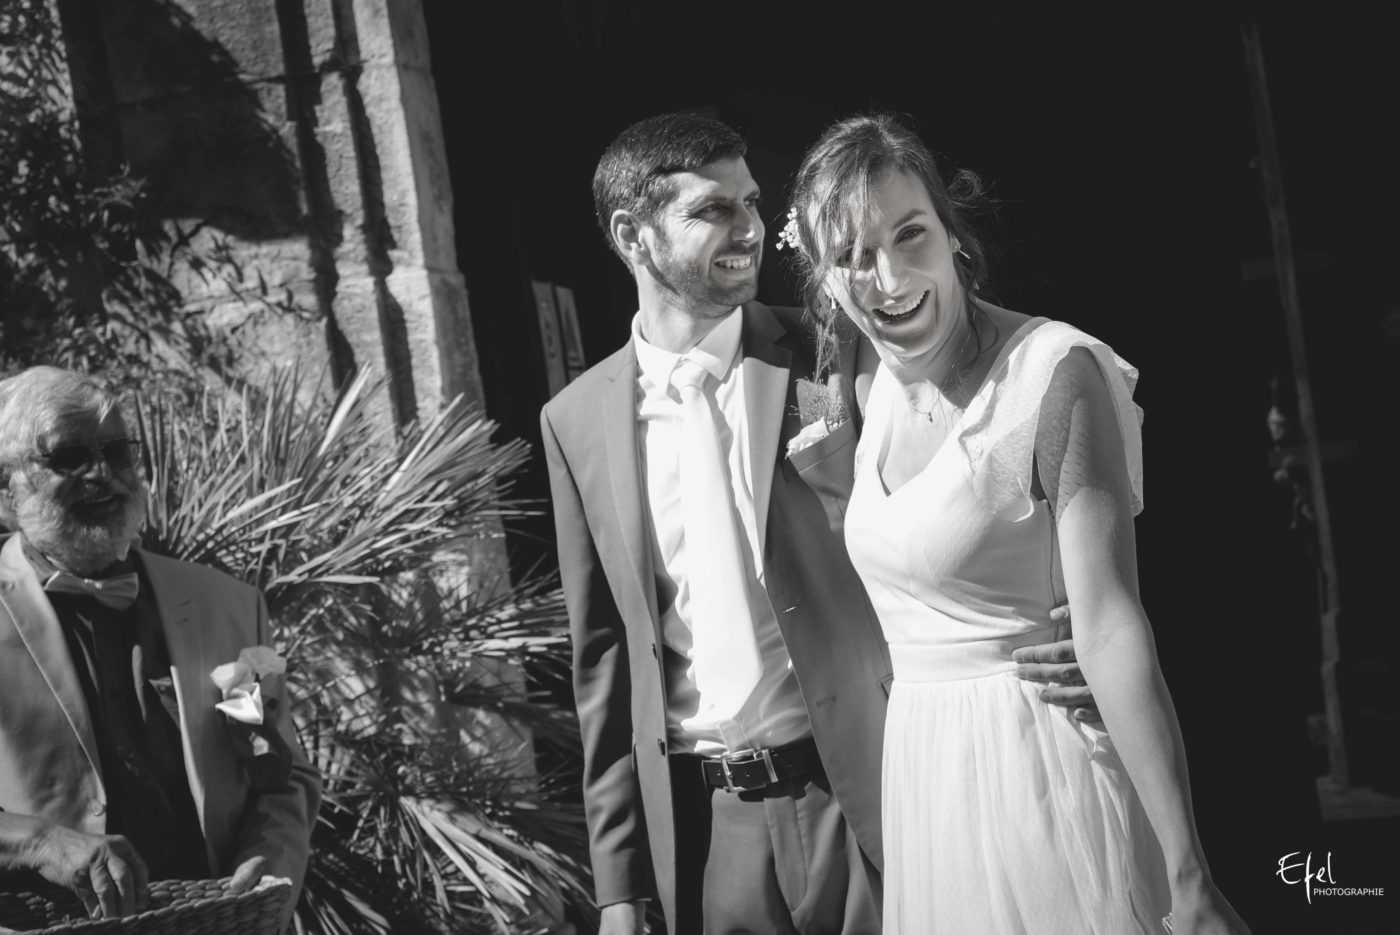 sortie des mariés après la cérémonie civile à la mairie de Tourrettes-sur-Loup sur loup - mariage 2020 en Provence